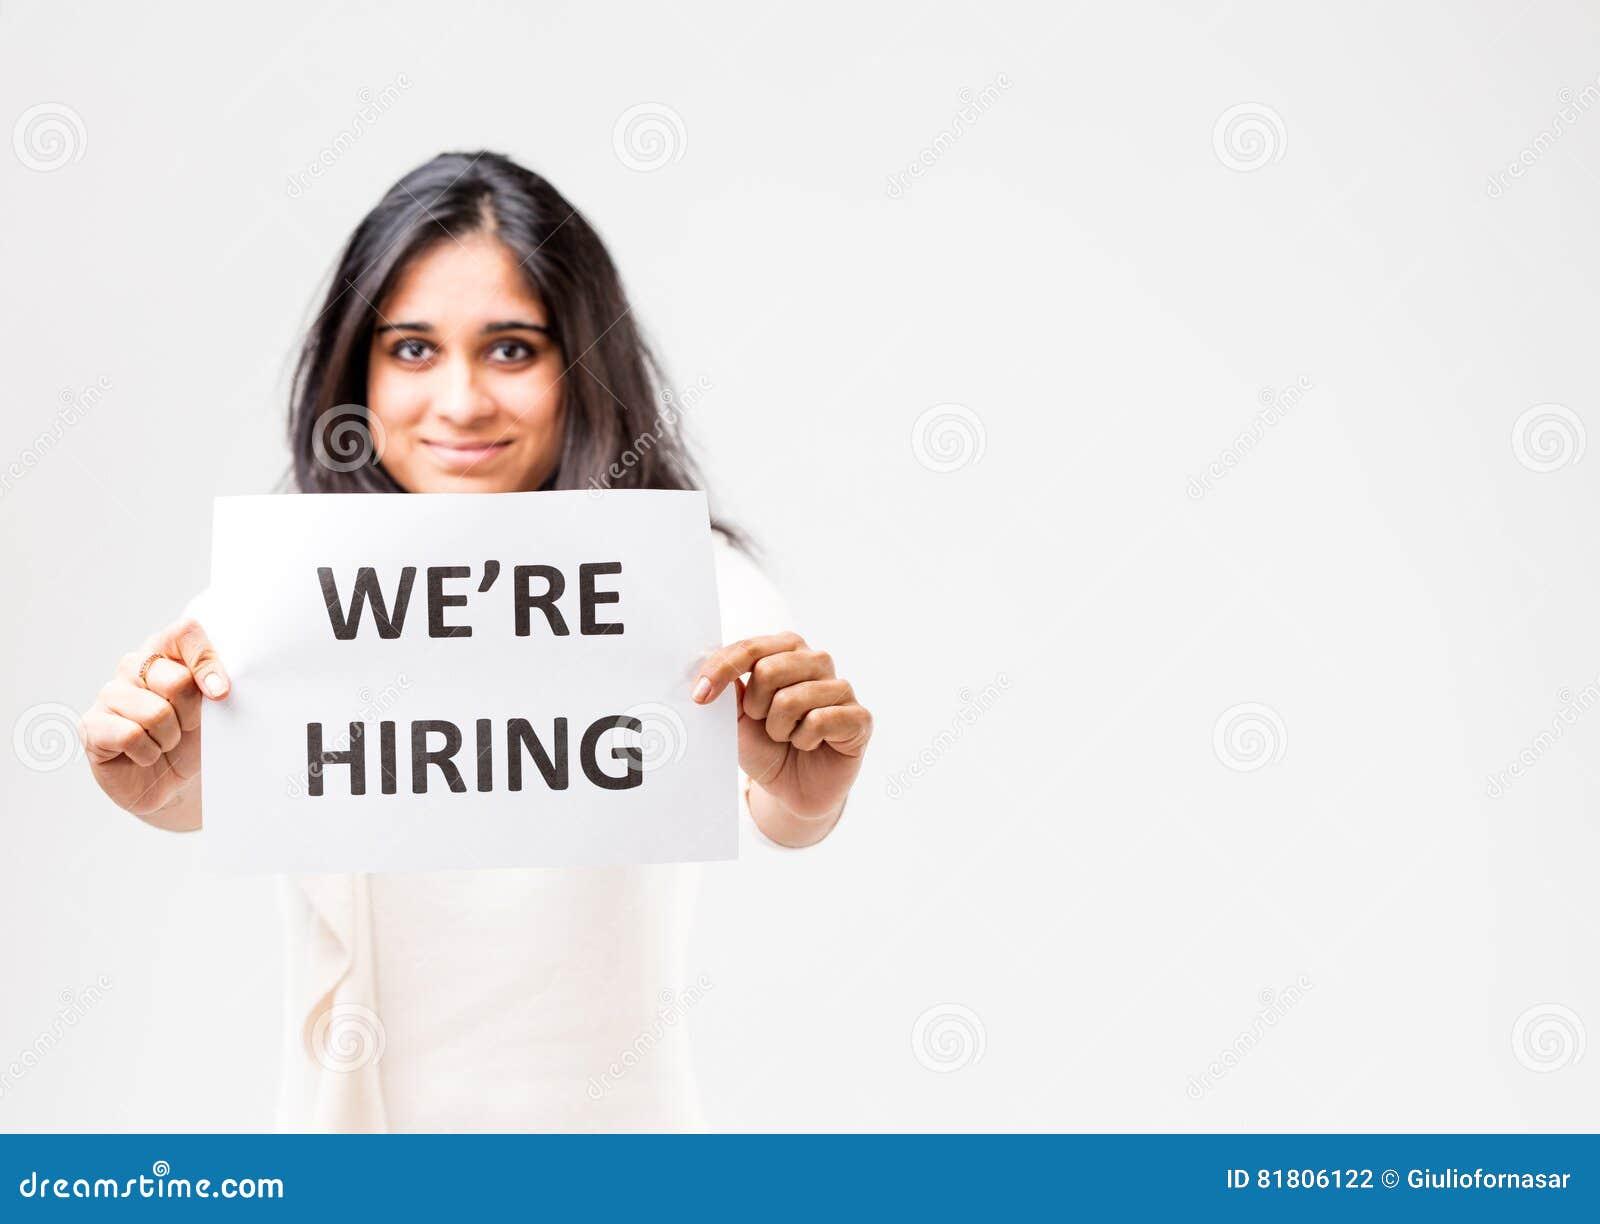 Индийская девушка держа знак рабочего места